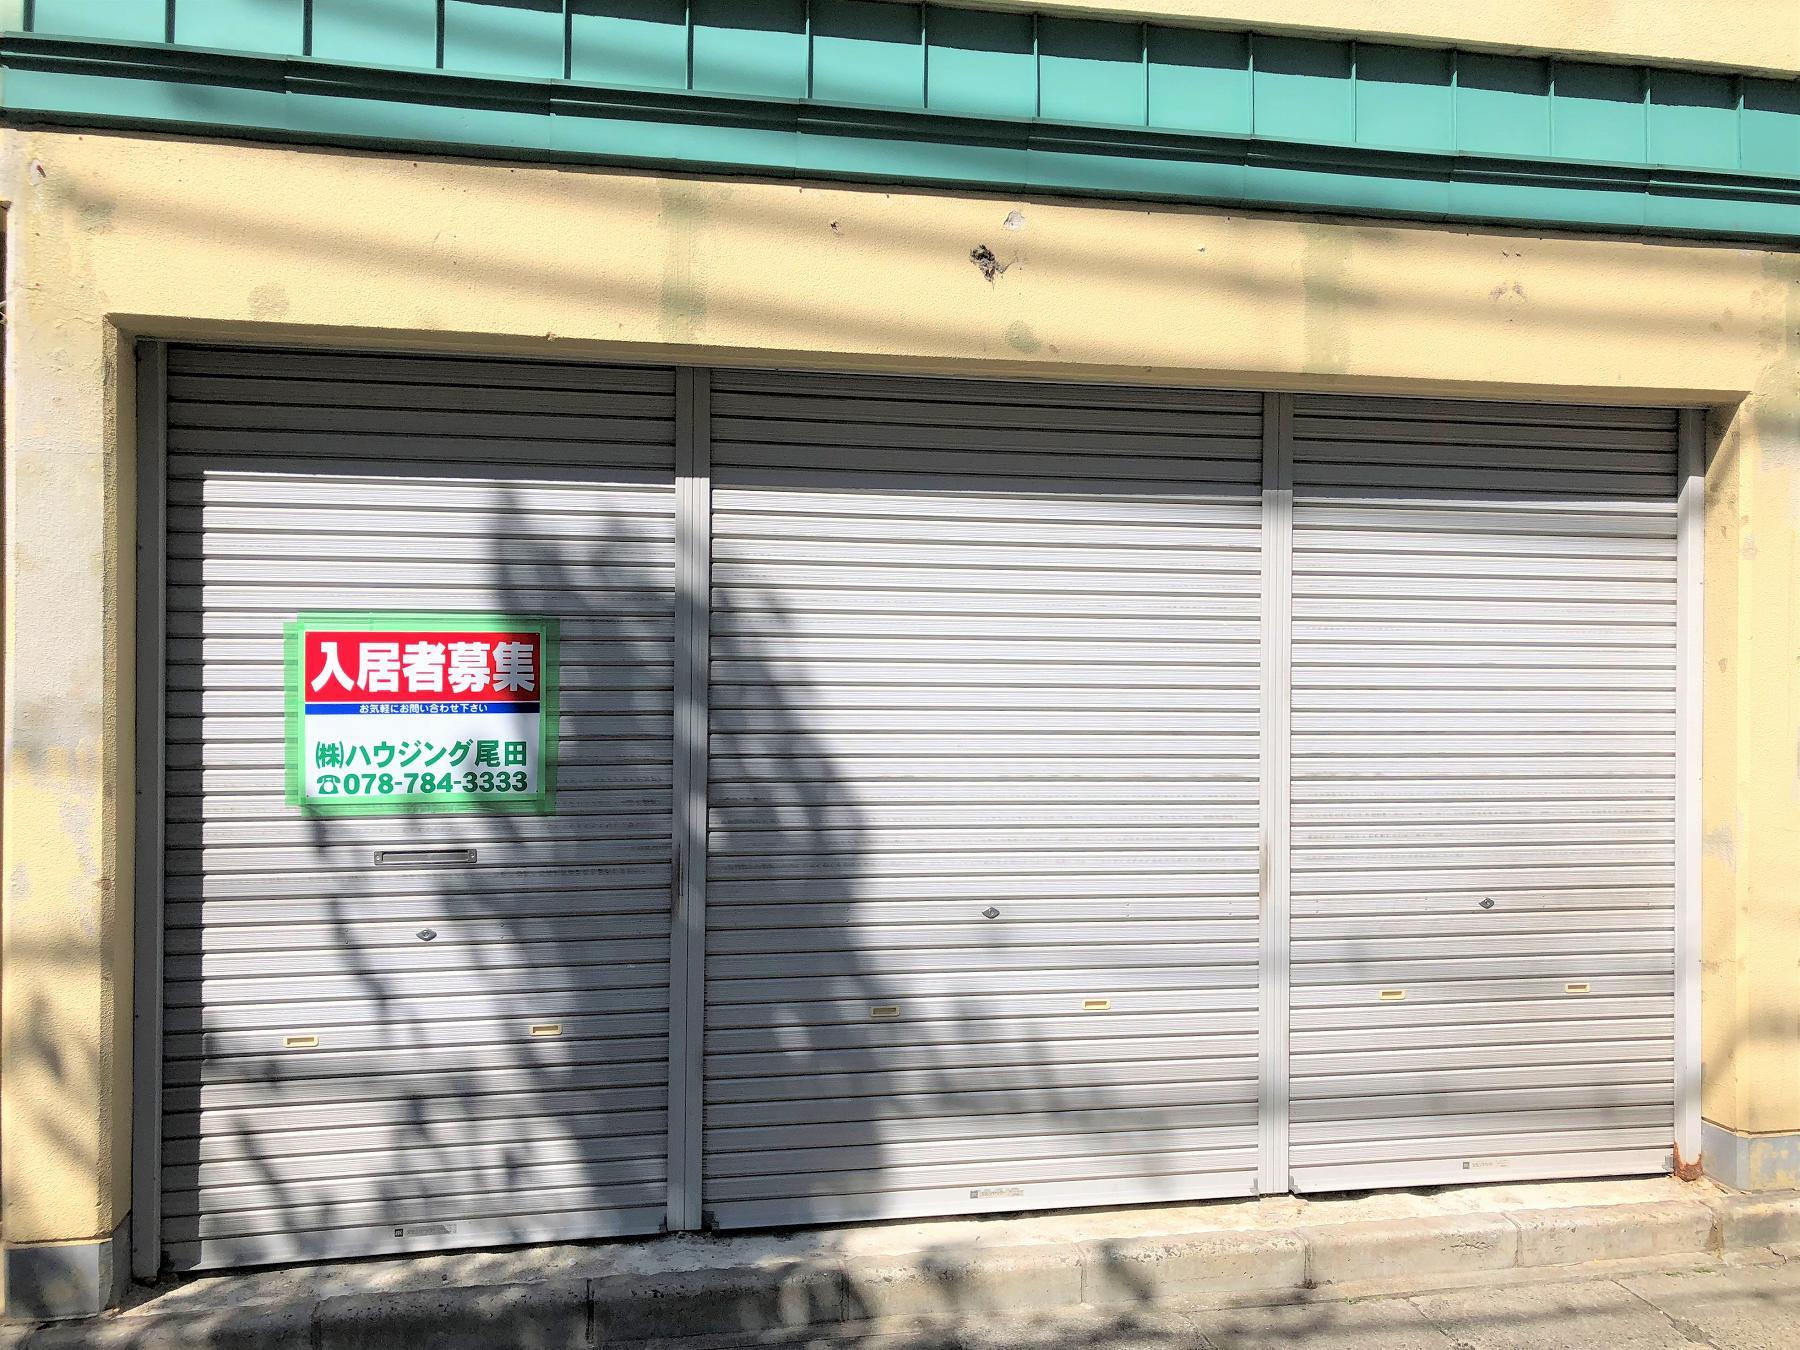 神戸・岡本のイタリア料理「CIMOLO SELVAGGIO(チモロセルヴァジオ )」さんが岡本山手に「ARBOS」として移転された模様。 #移転オープン #阪急岡本 #岡本イタリアン #ARBOS